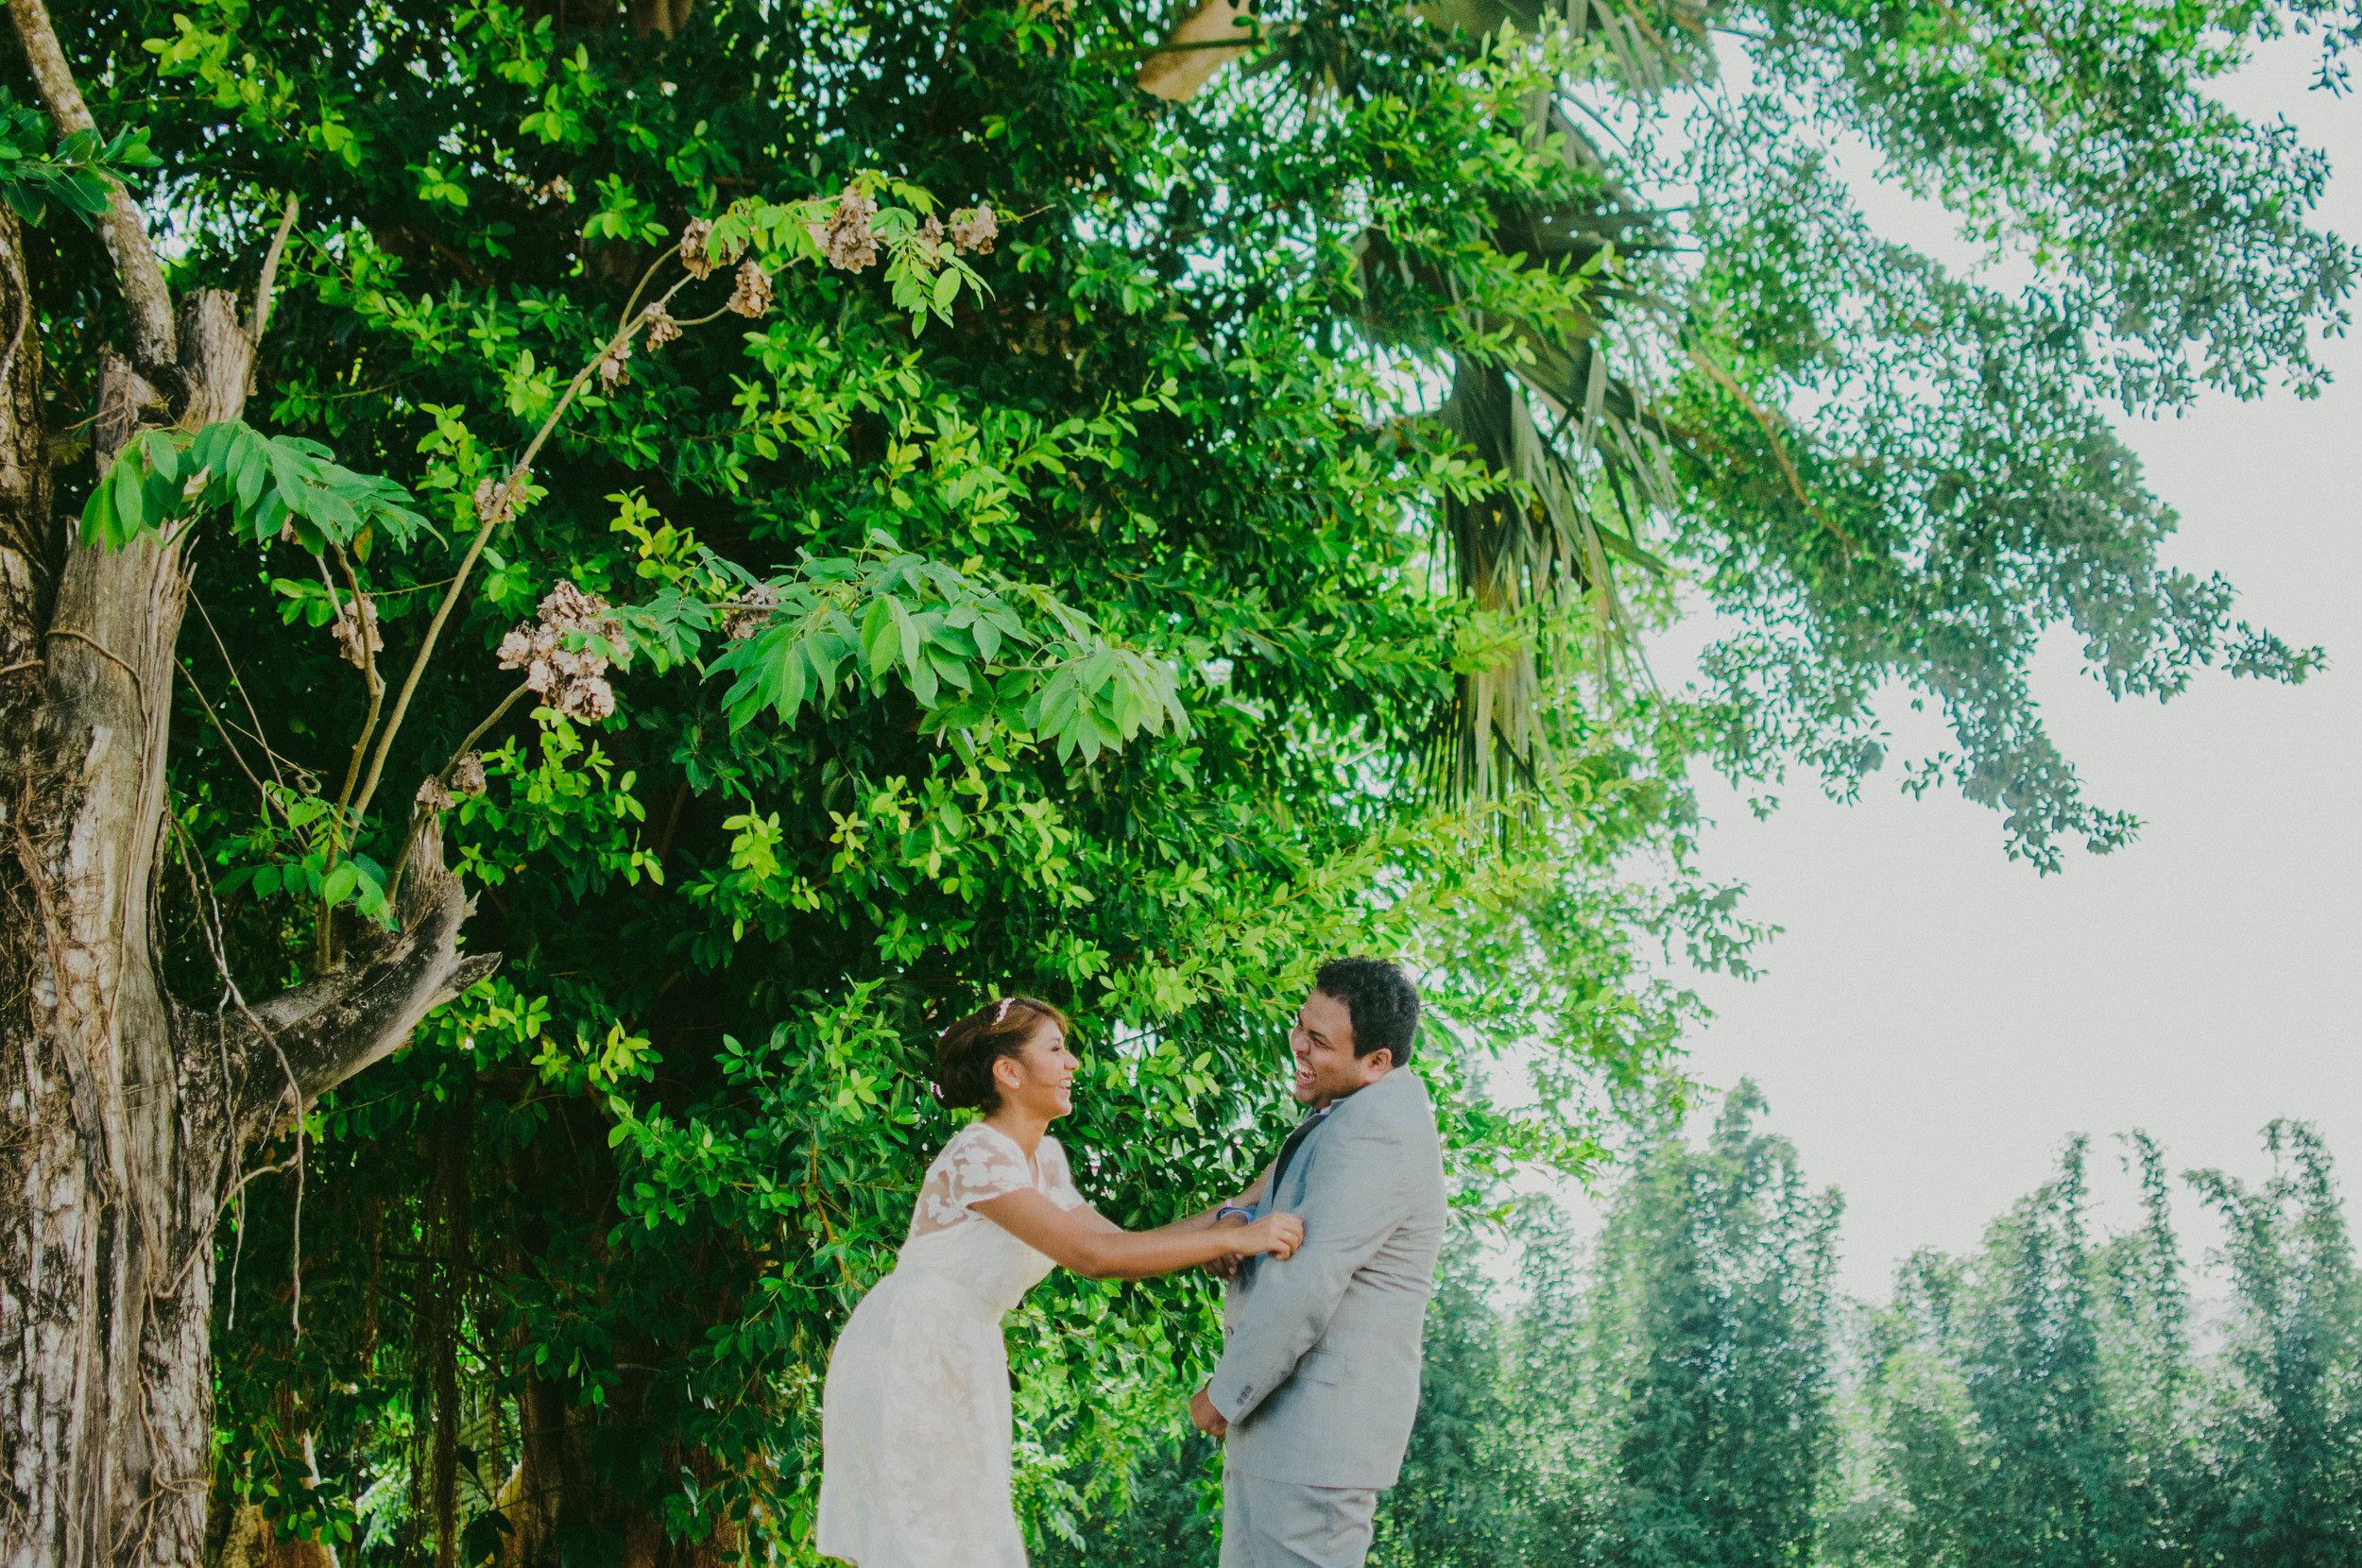 liliana y juan arturo - boda civil46.jpg